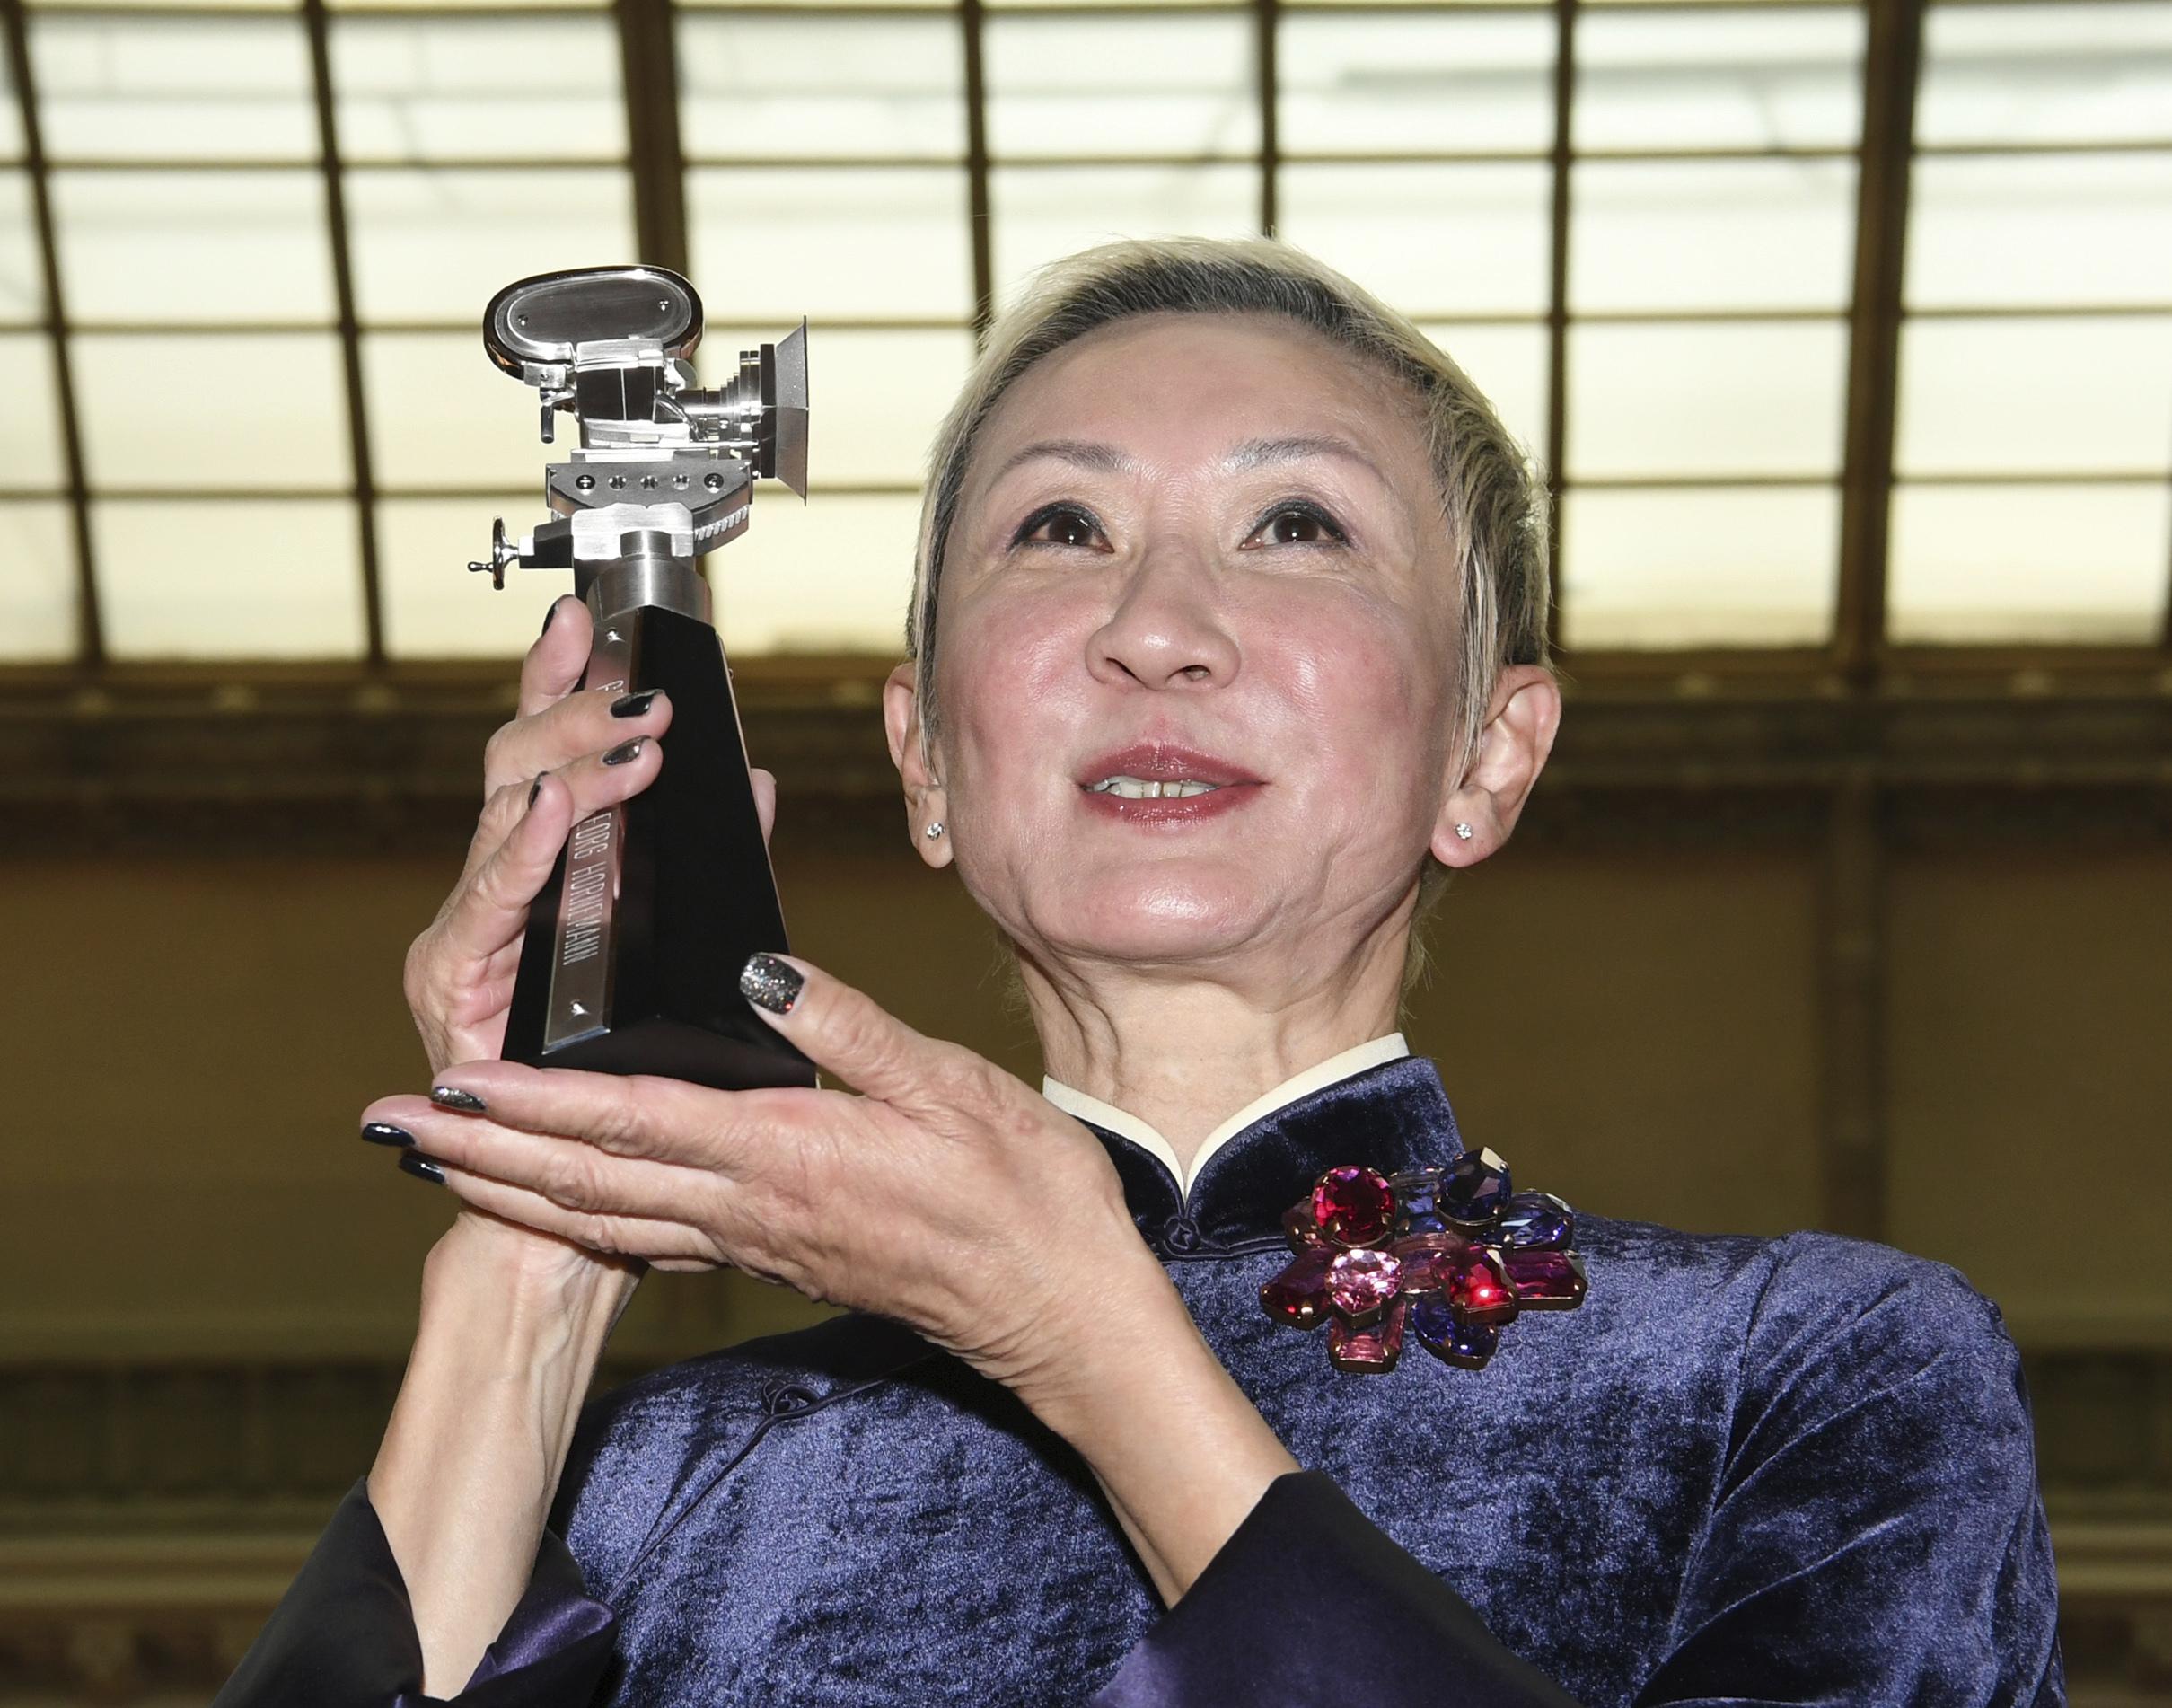 Berlinale: Hong Kong's Nansun Shi Receives Festival Honor